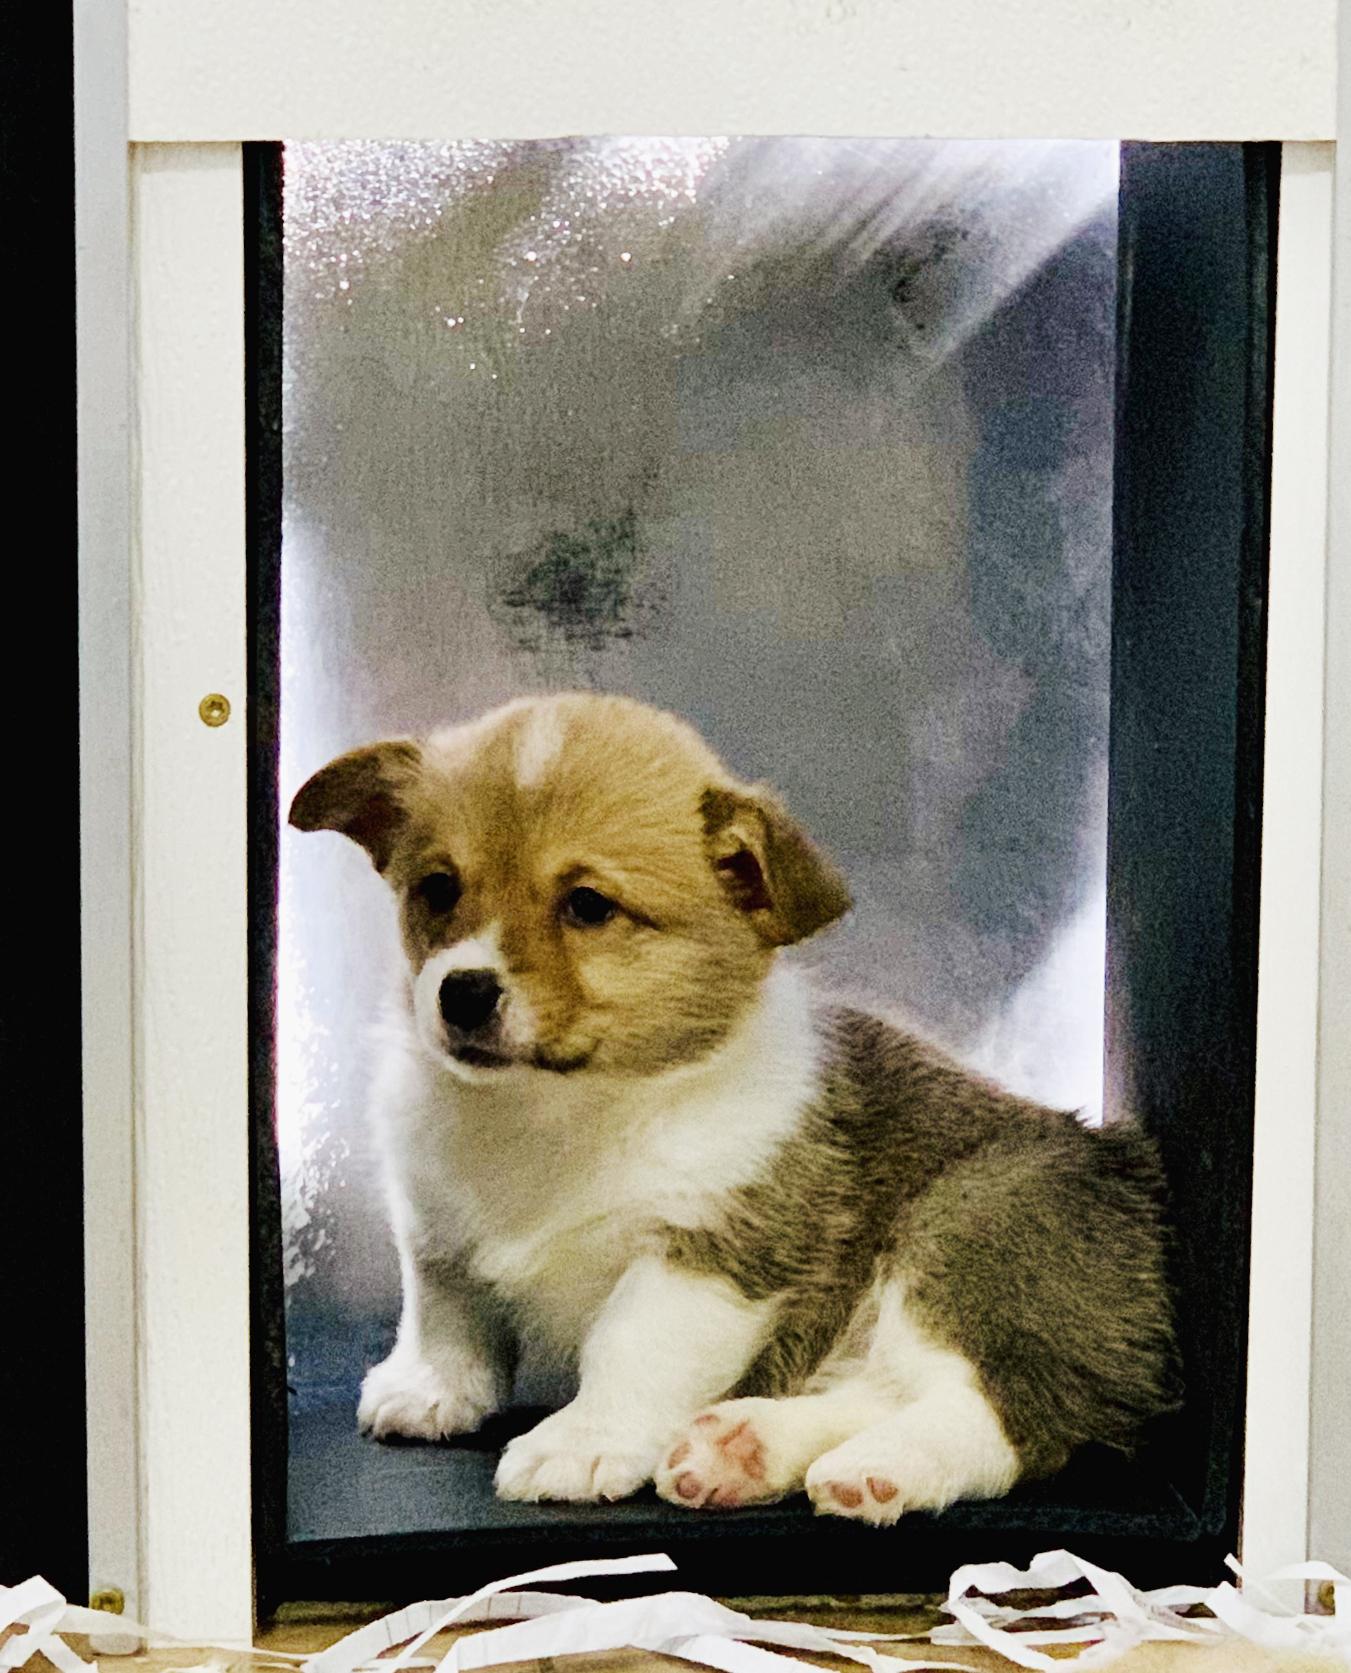 Corgi puppy resting in doorway